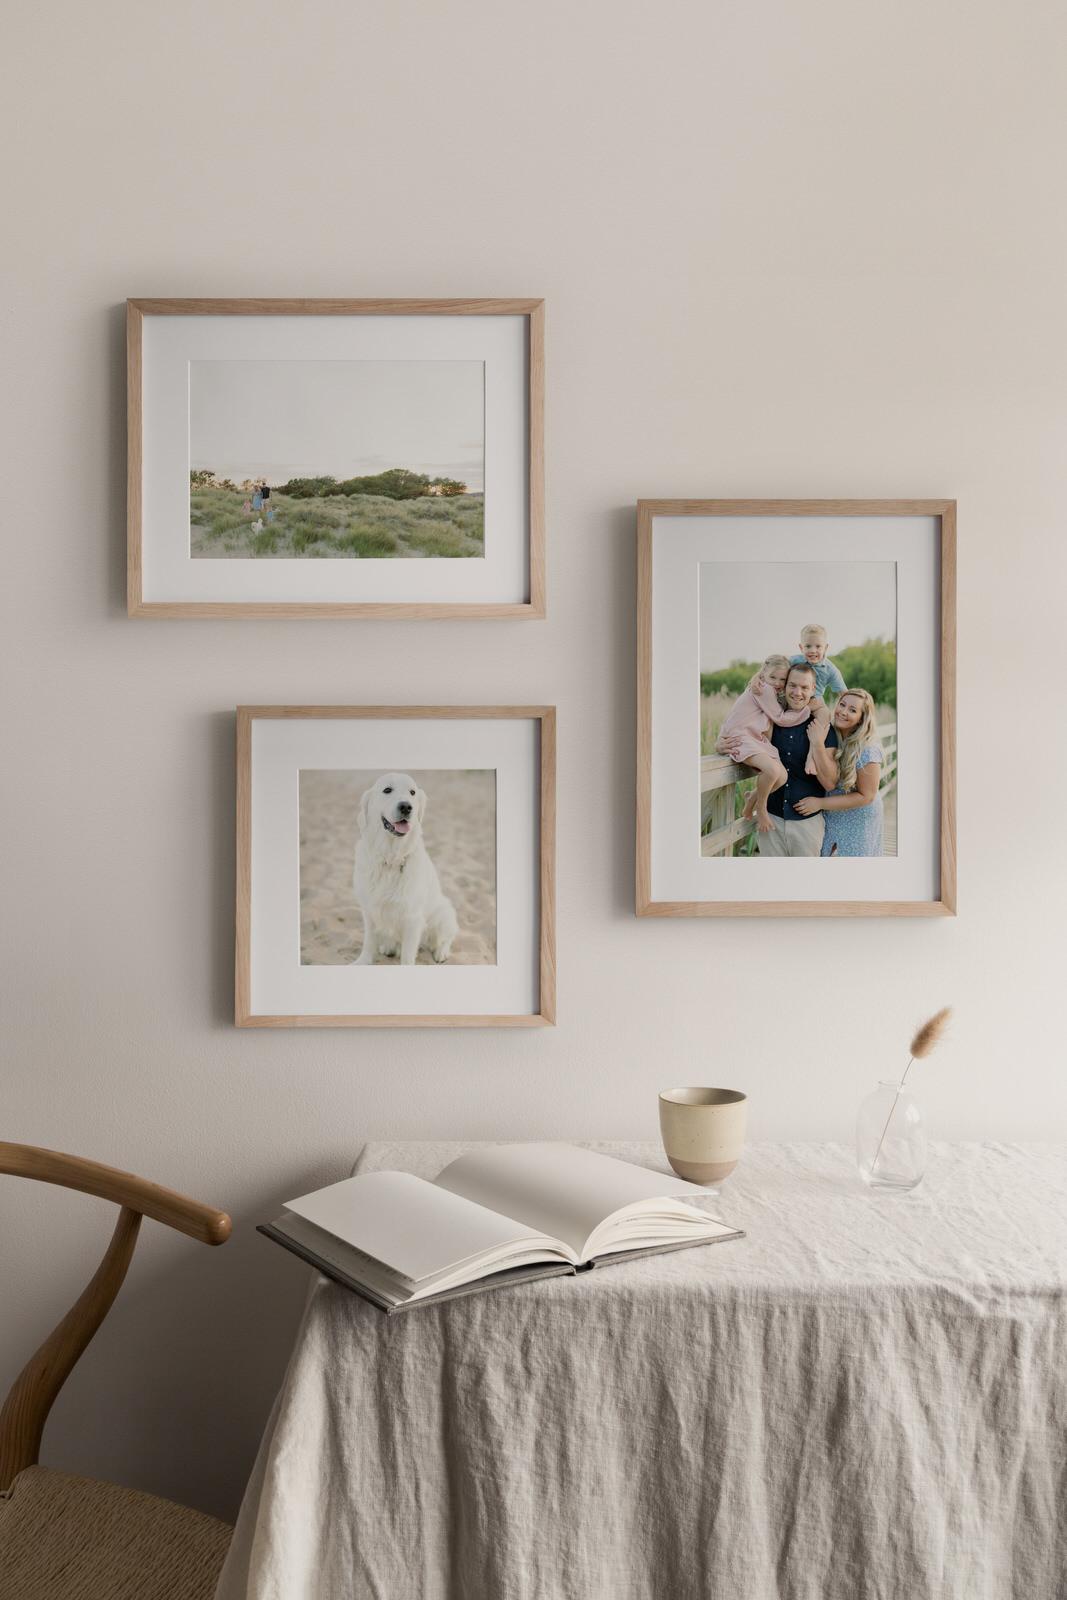 3 frame